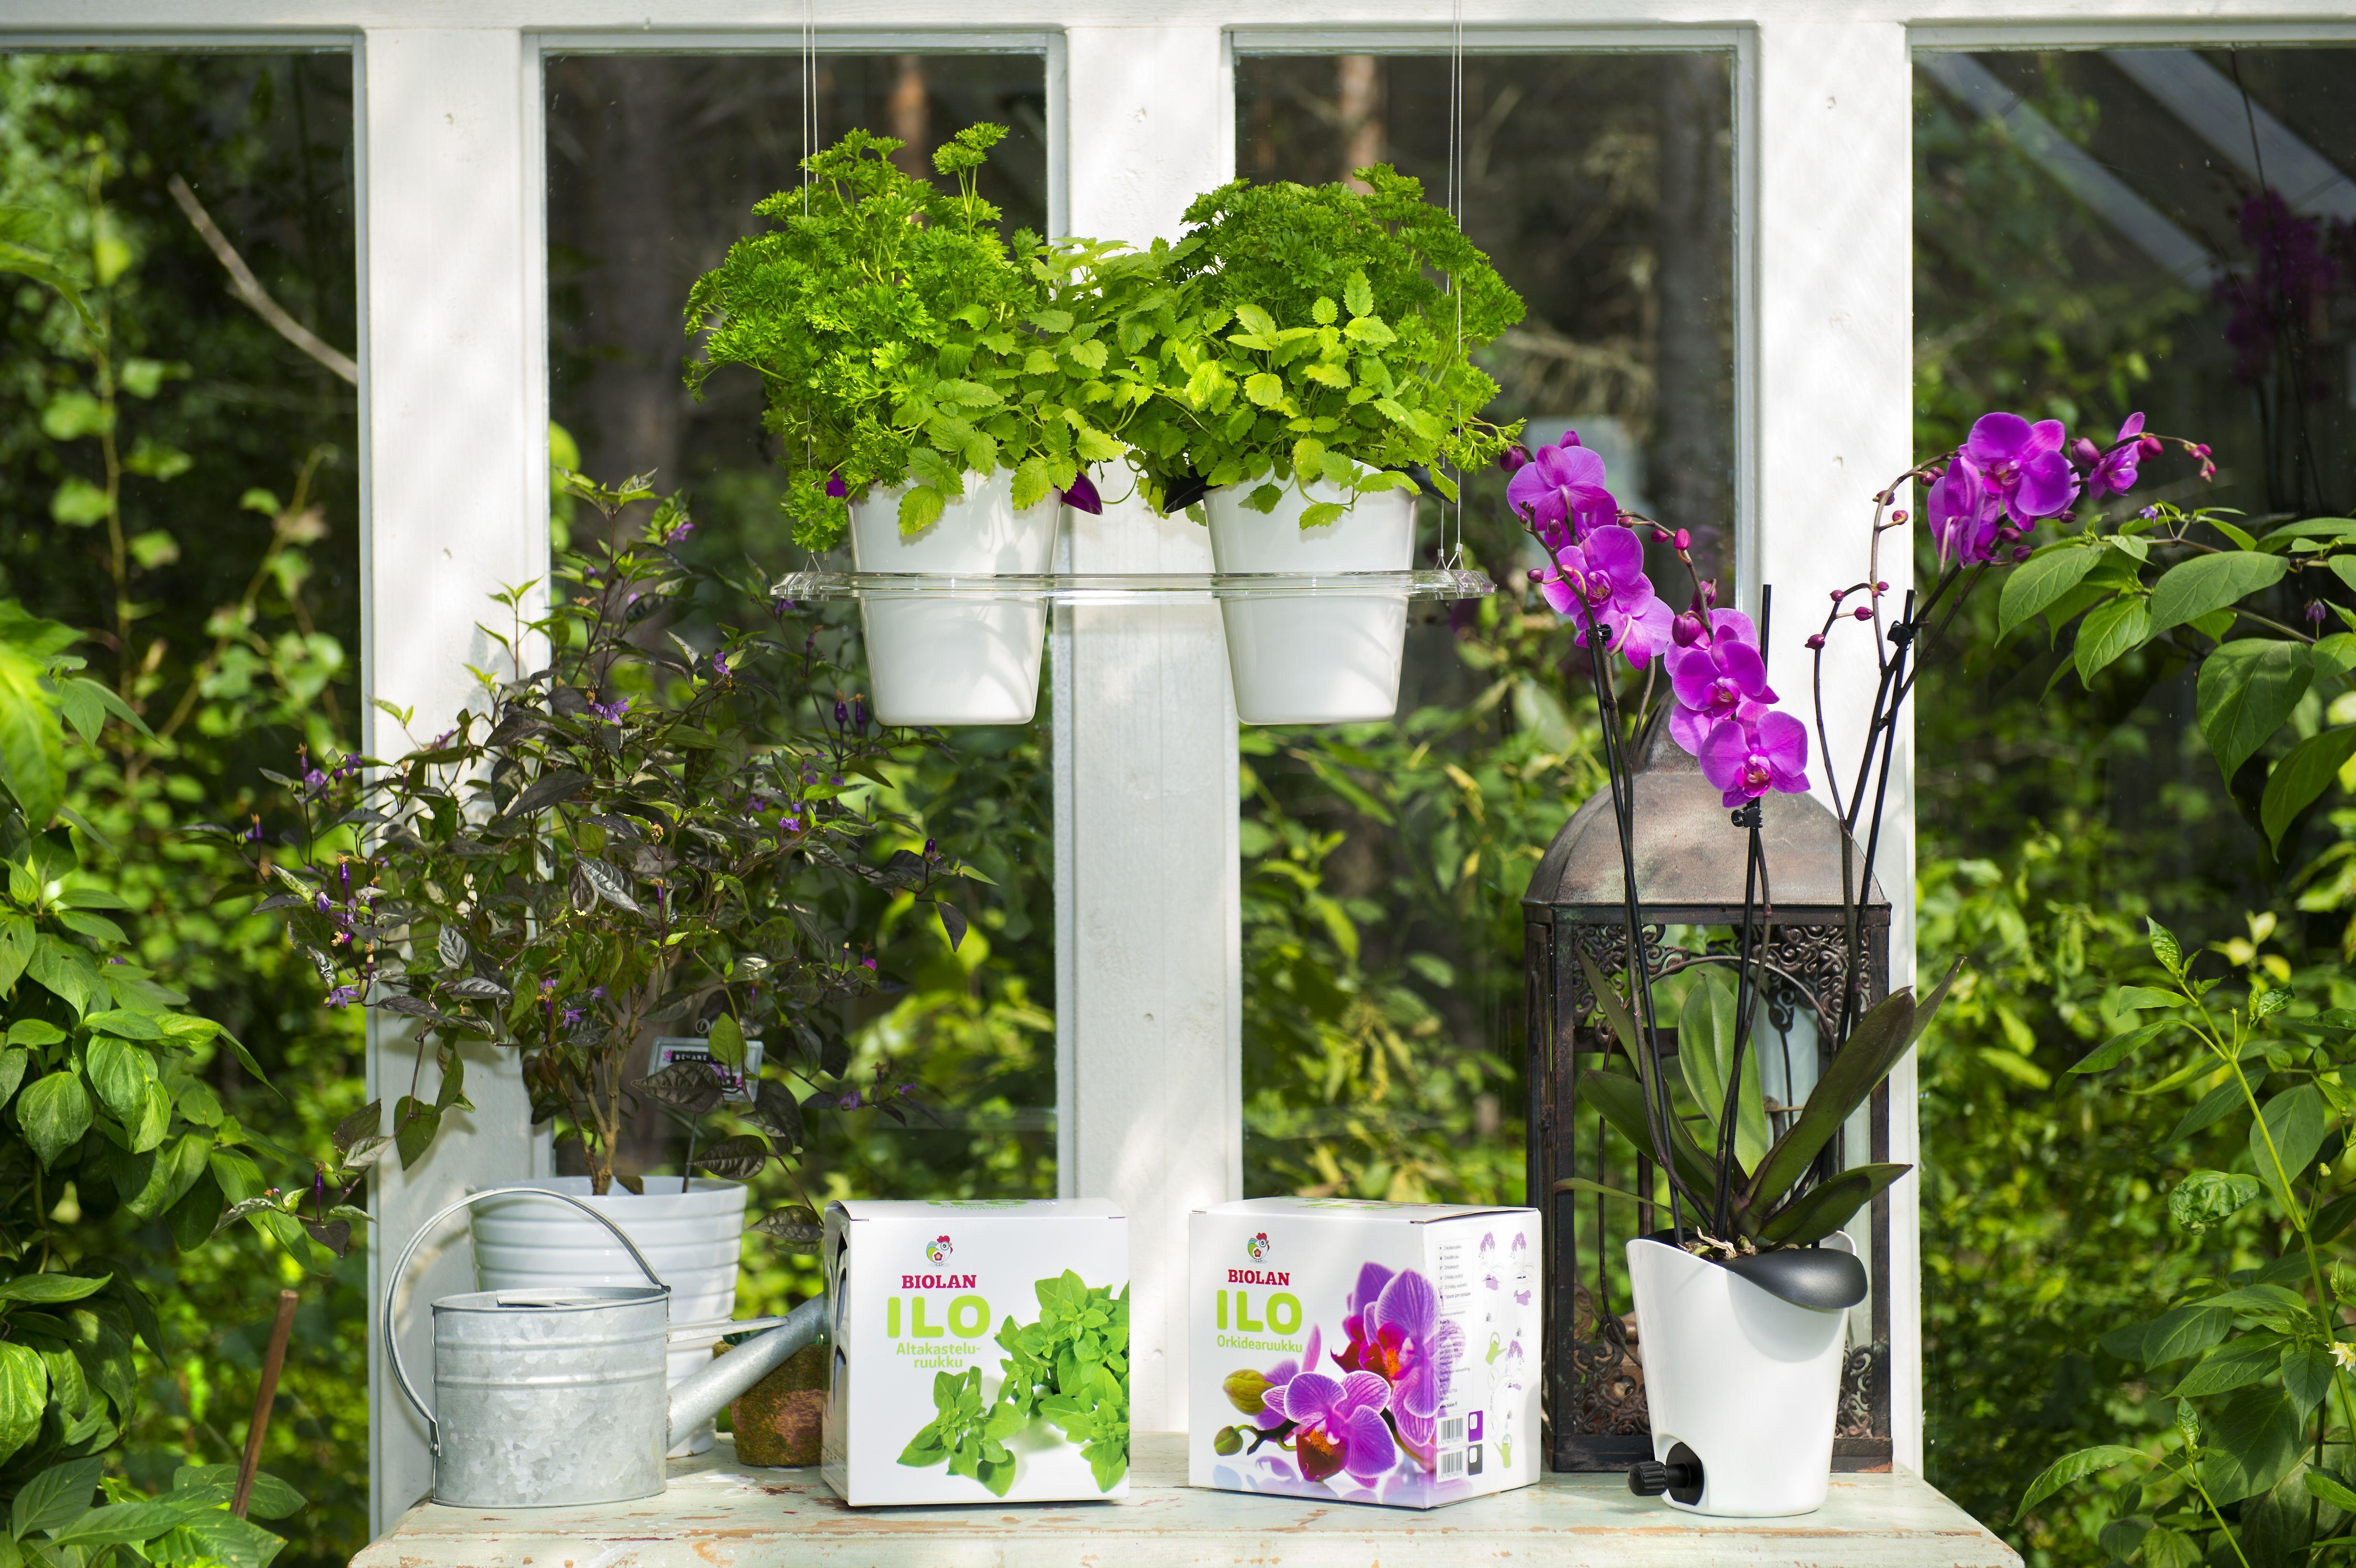 Ilo-kasvatussarja   Ilo-kasvatussarja on toiminnaltaan ja muotoilultaan täysin uudentyyppinen ja viimeistelty modulaarinen tuotesarja. Se mahdollistaa koriste- ja keittiökasvien kasvattamisen pöytä- ja lattiatilaa säästäen